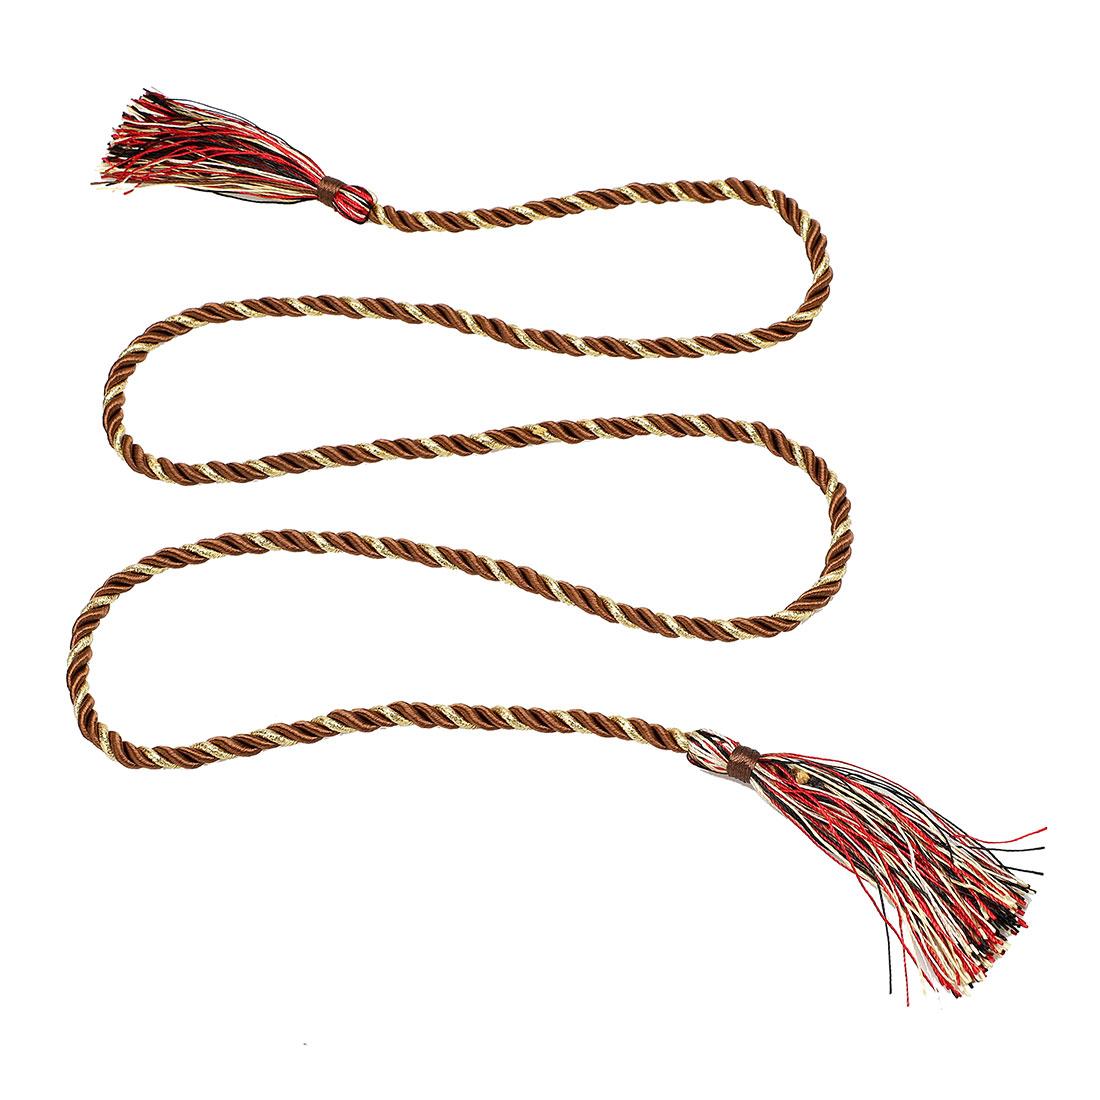 Window Curtain Tieback Tie Back Tassels Trim Rope Cord String 133cm Multicolor